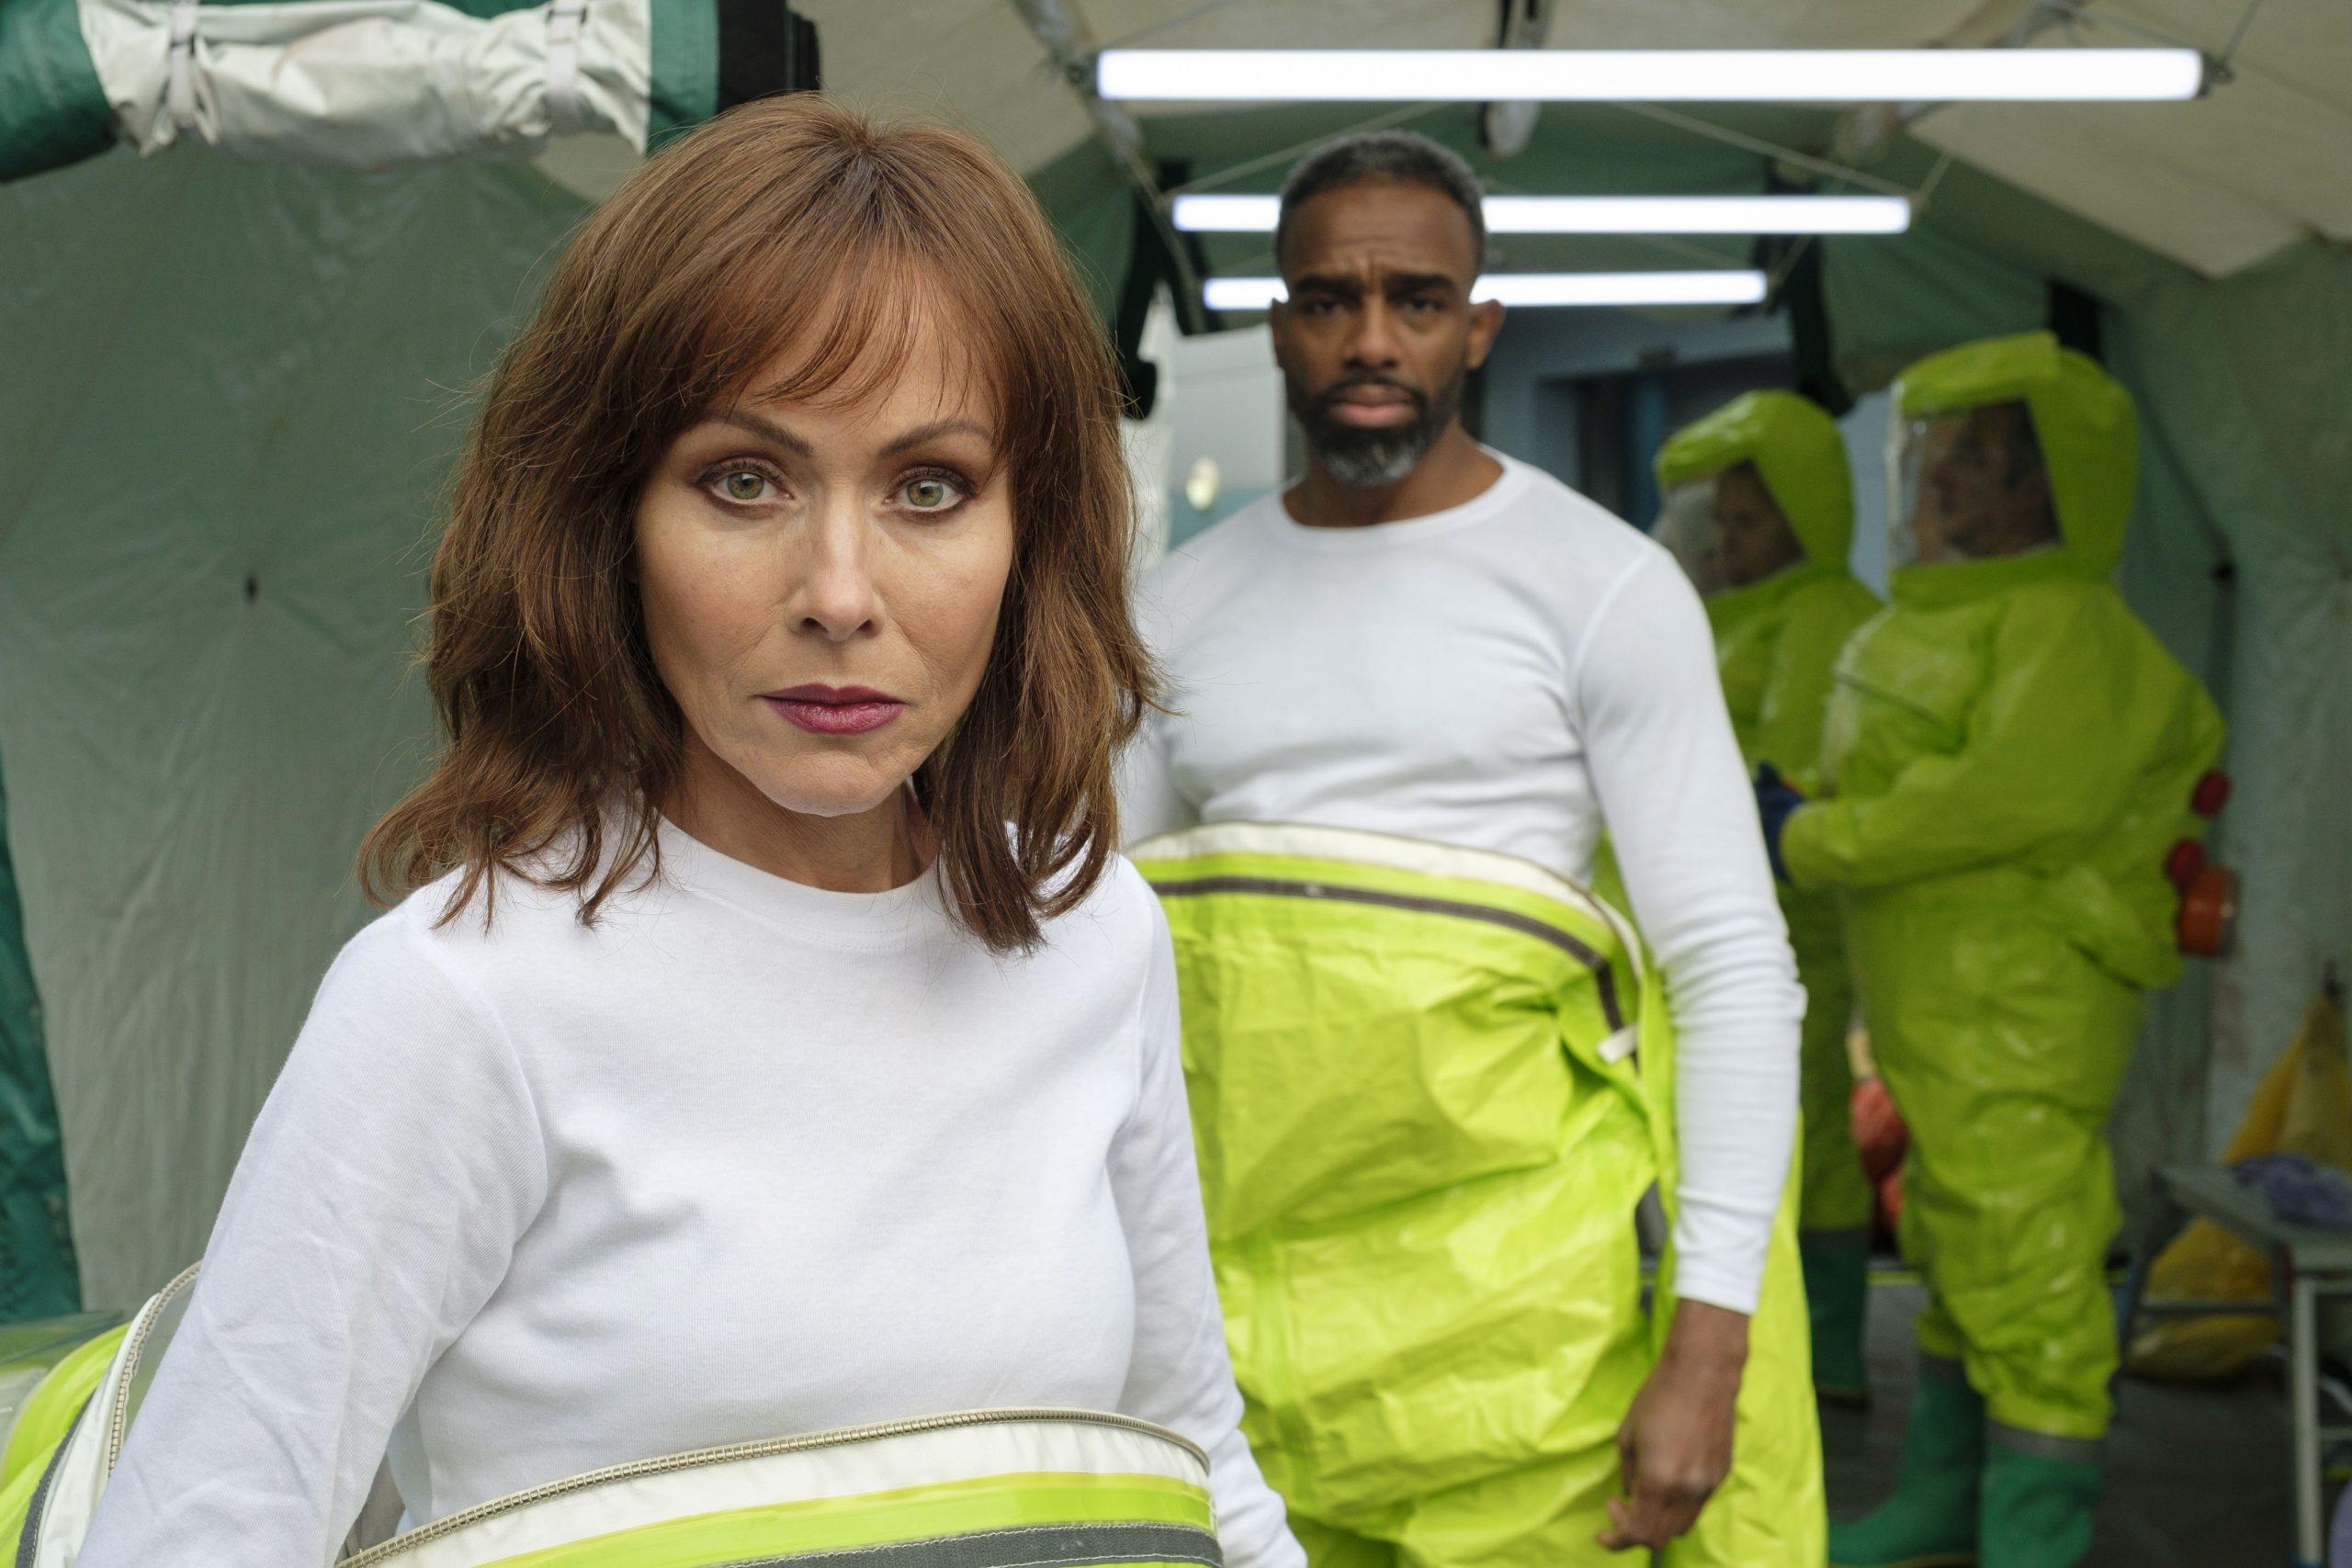 Connie y Jacob en trajes protectores en el episodio desaparecido de Casualty